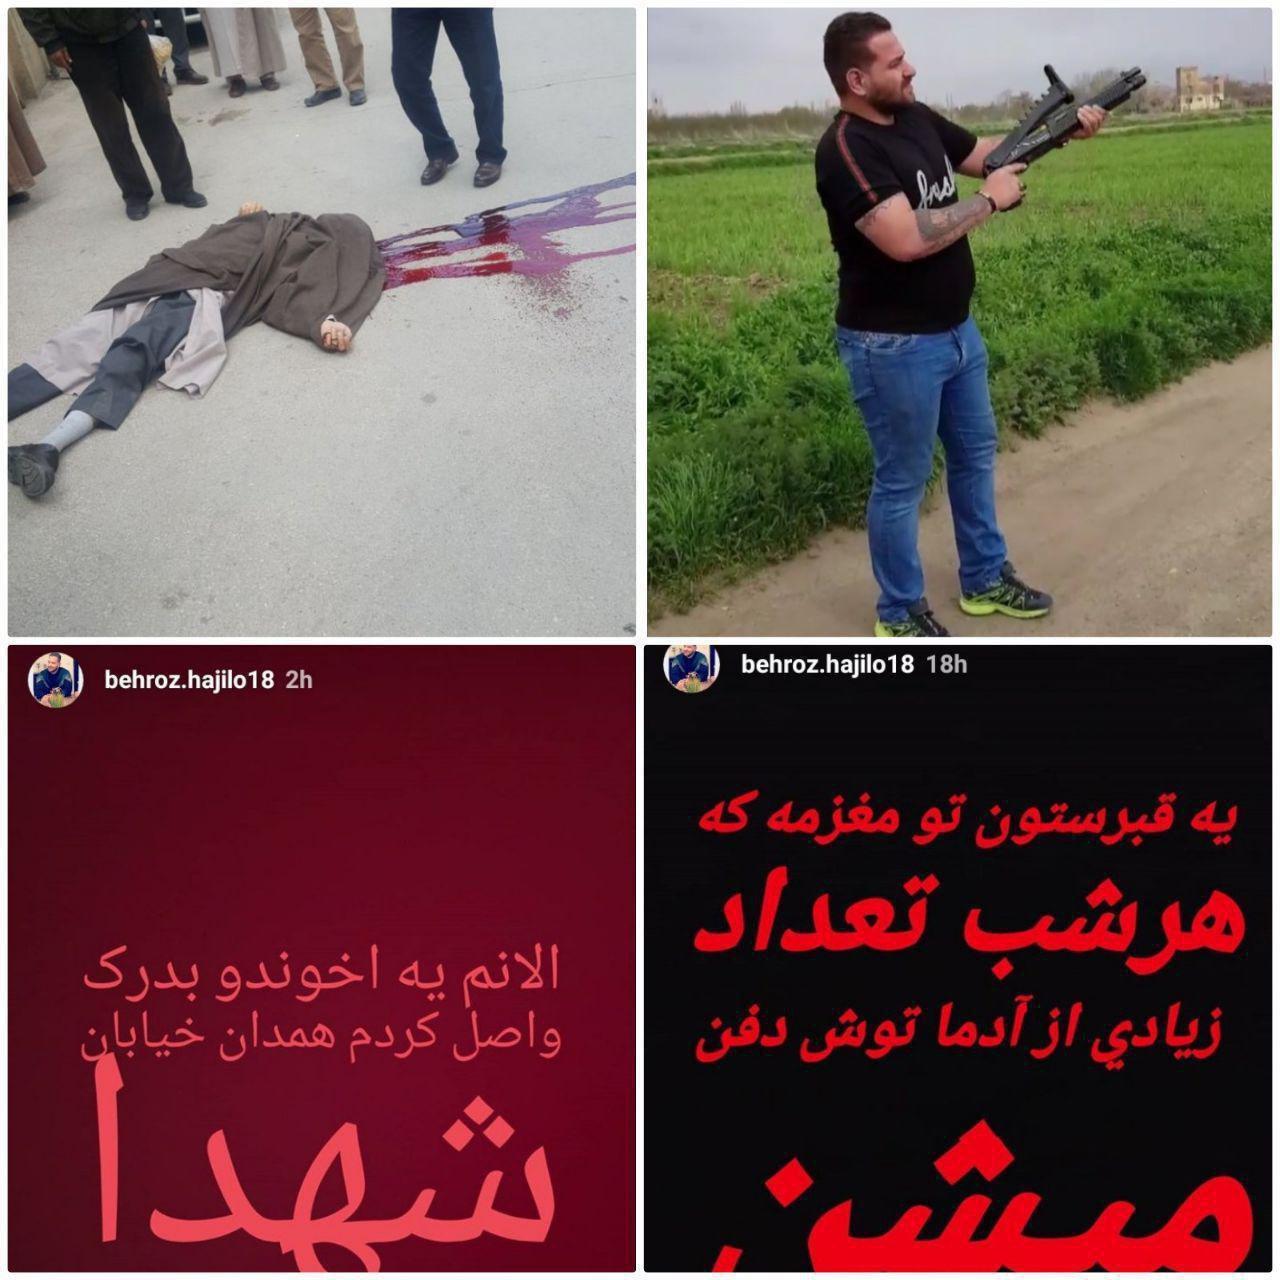 جزئیات درگیری مسلحانه و کشته شدن قاتل روحانی همدانی